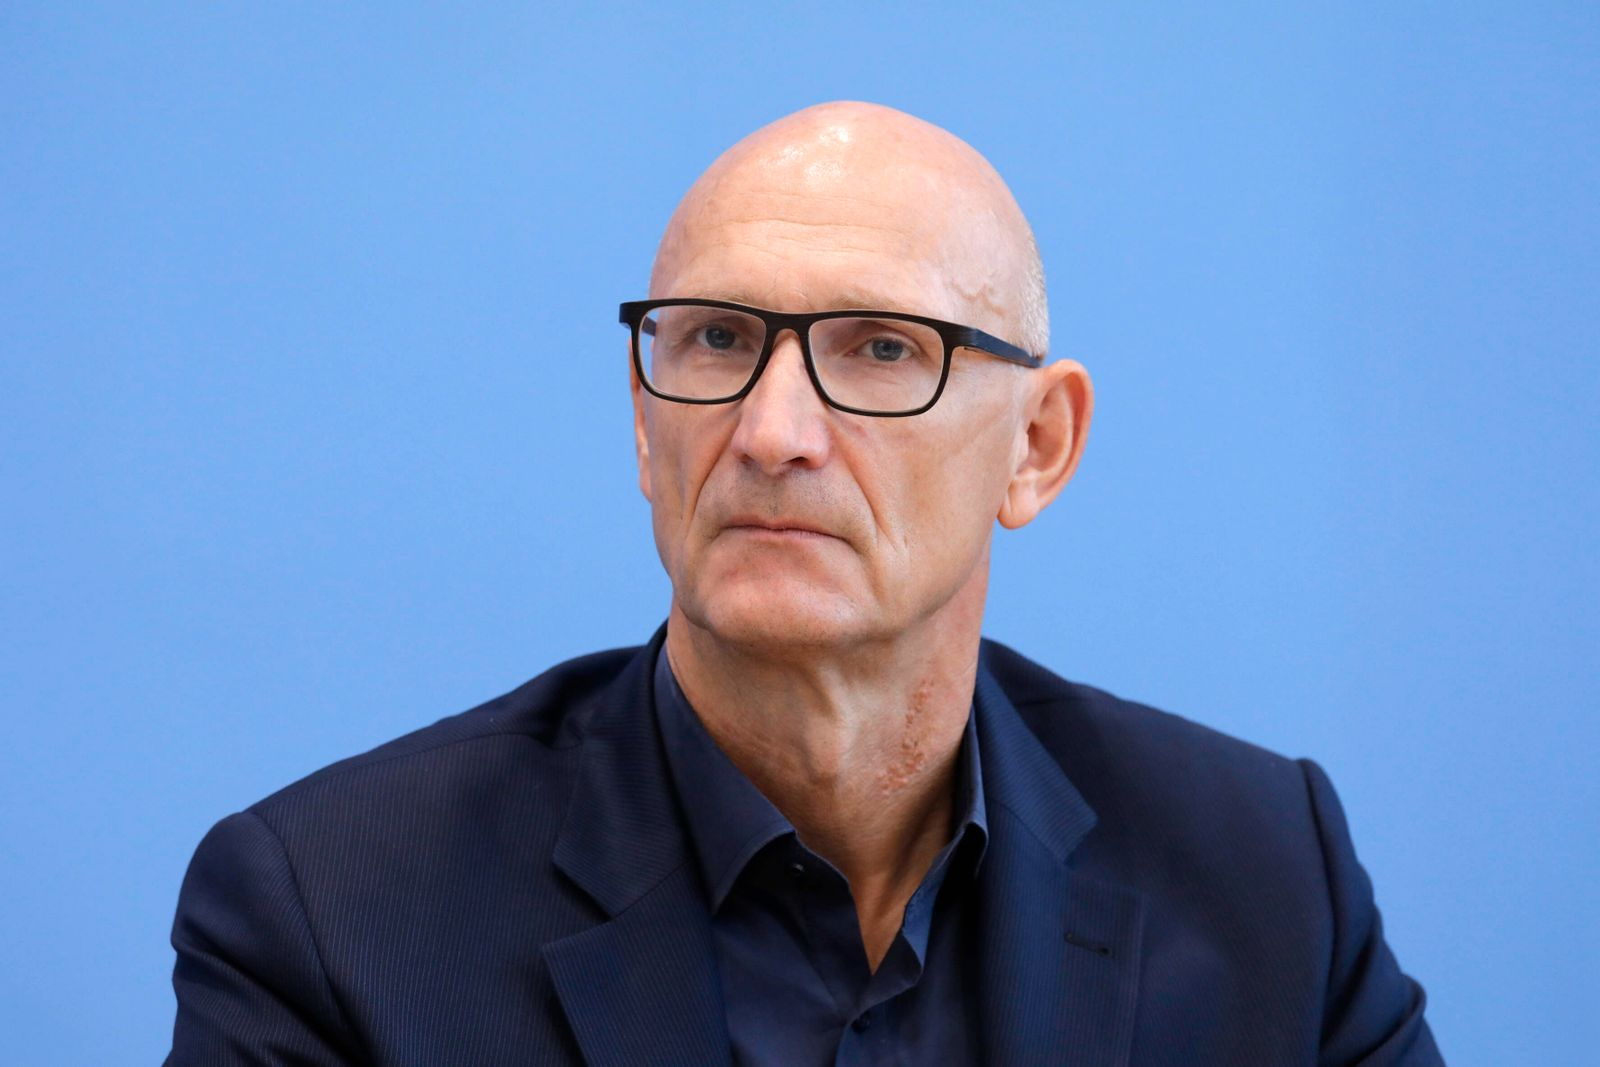 Tim Hoettges, Vorsitzender des Vorstandes der Deutschen Telekom, PK zu - 100 Tage Corona-Warn-App, DEU, Berlin, 23.09.2